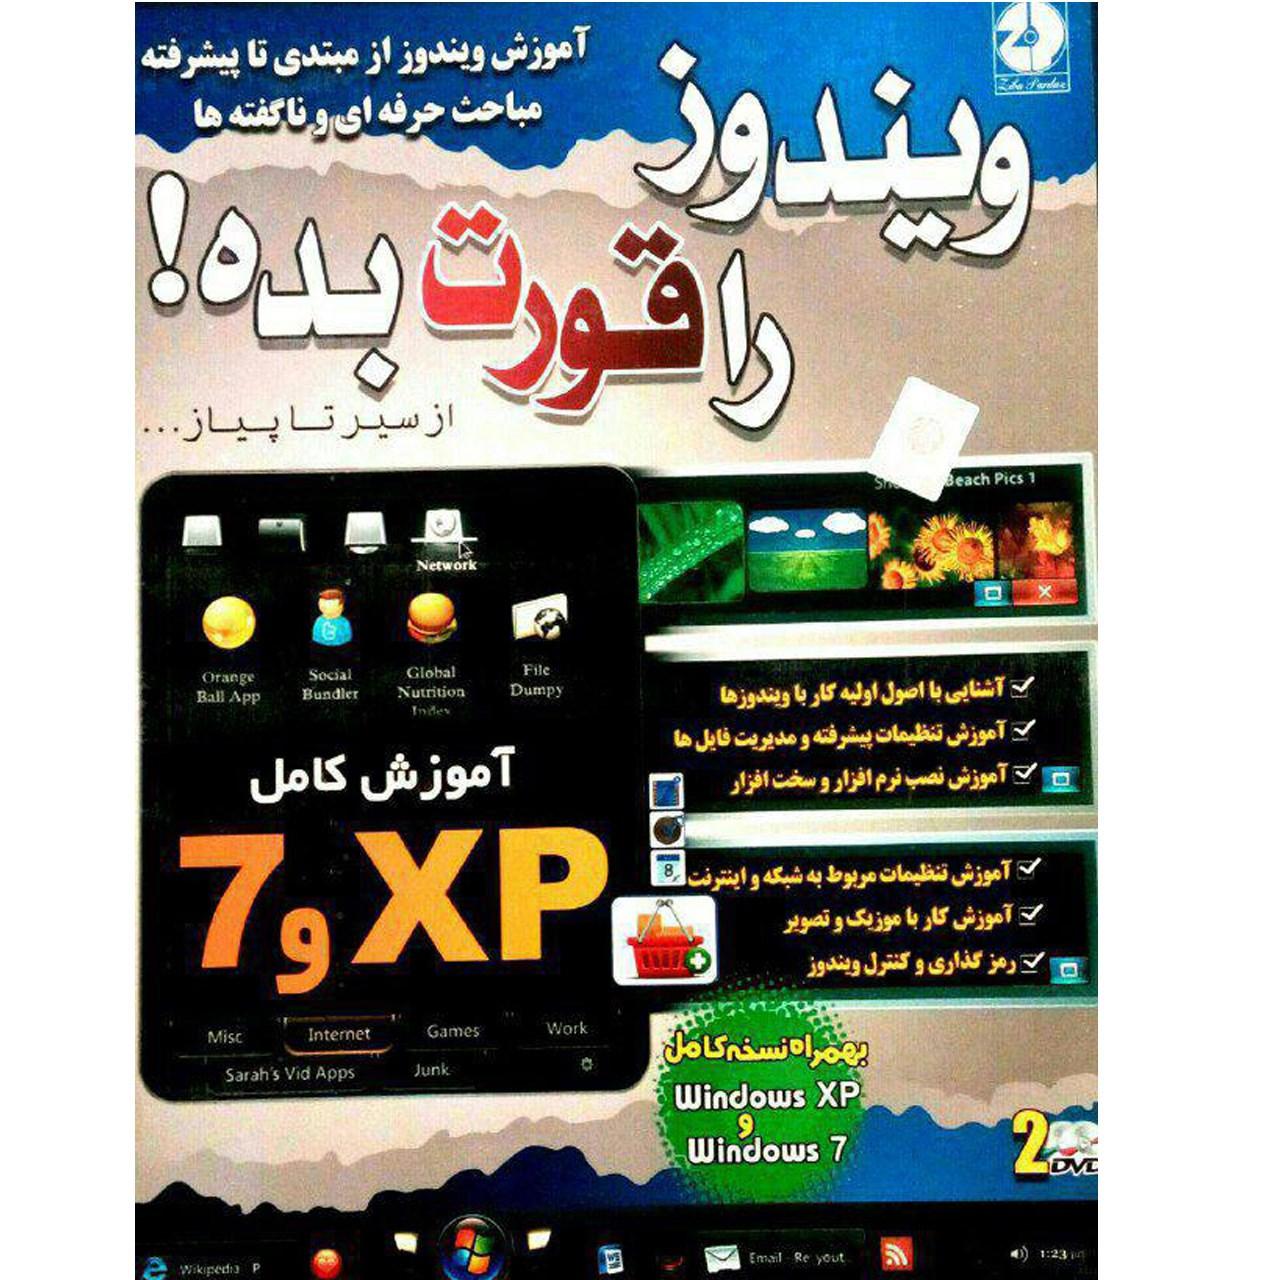 نرم افزار آموزش ویندوز 7و xp نشر زیبا پرداز